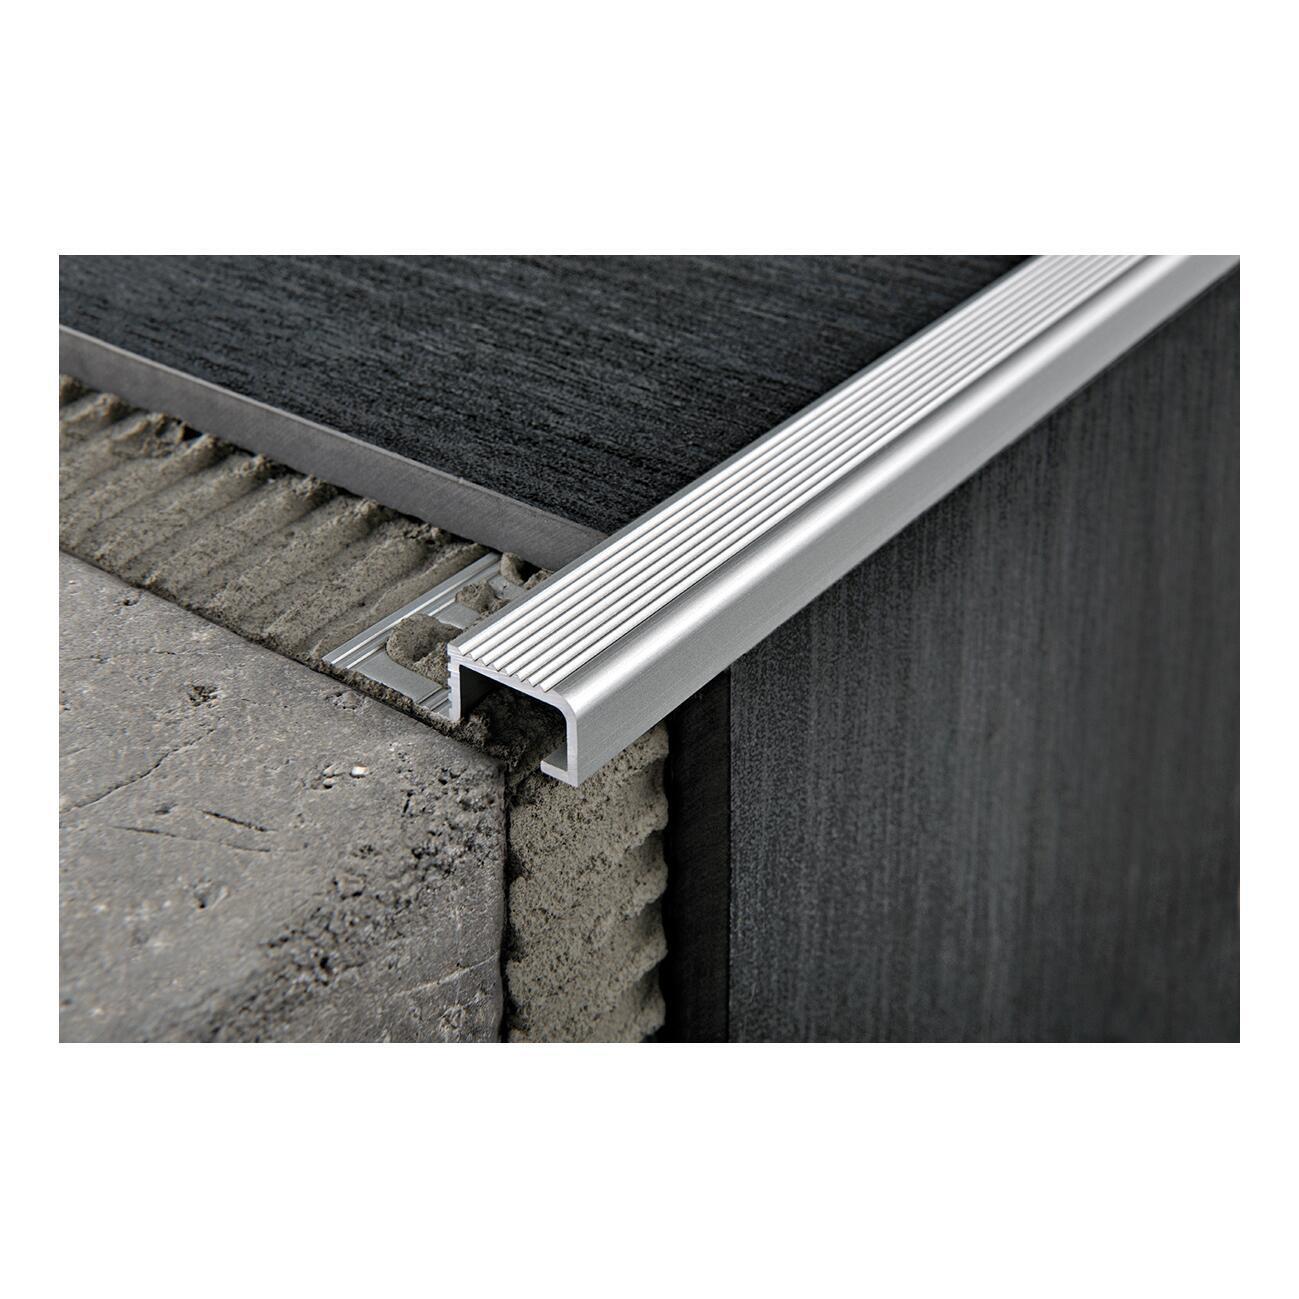 Giunto di dilatazione e frazionamento in alluminio Probrastep Sp 11 mm L 270 cm grigio